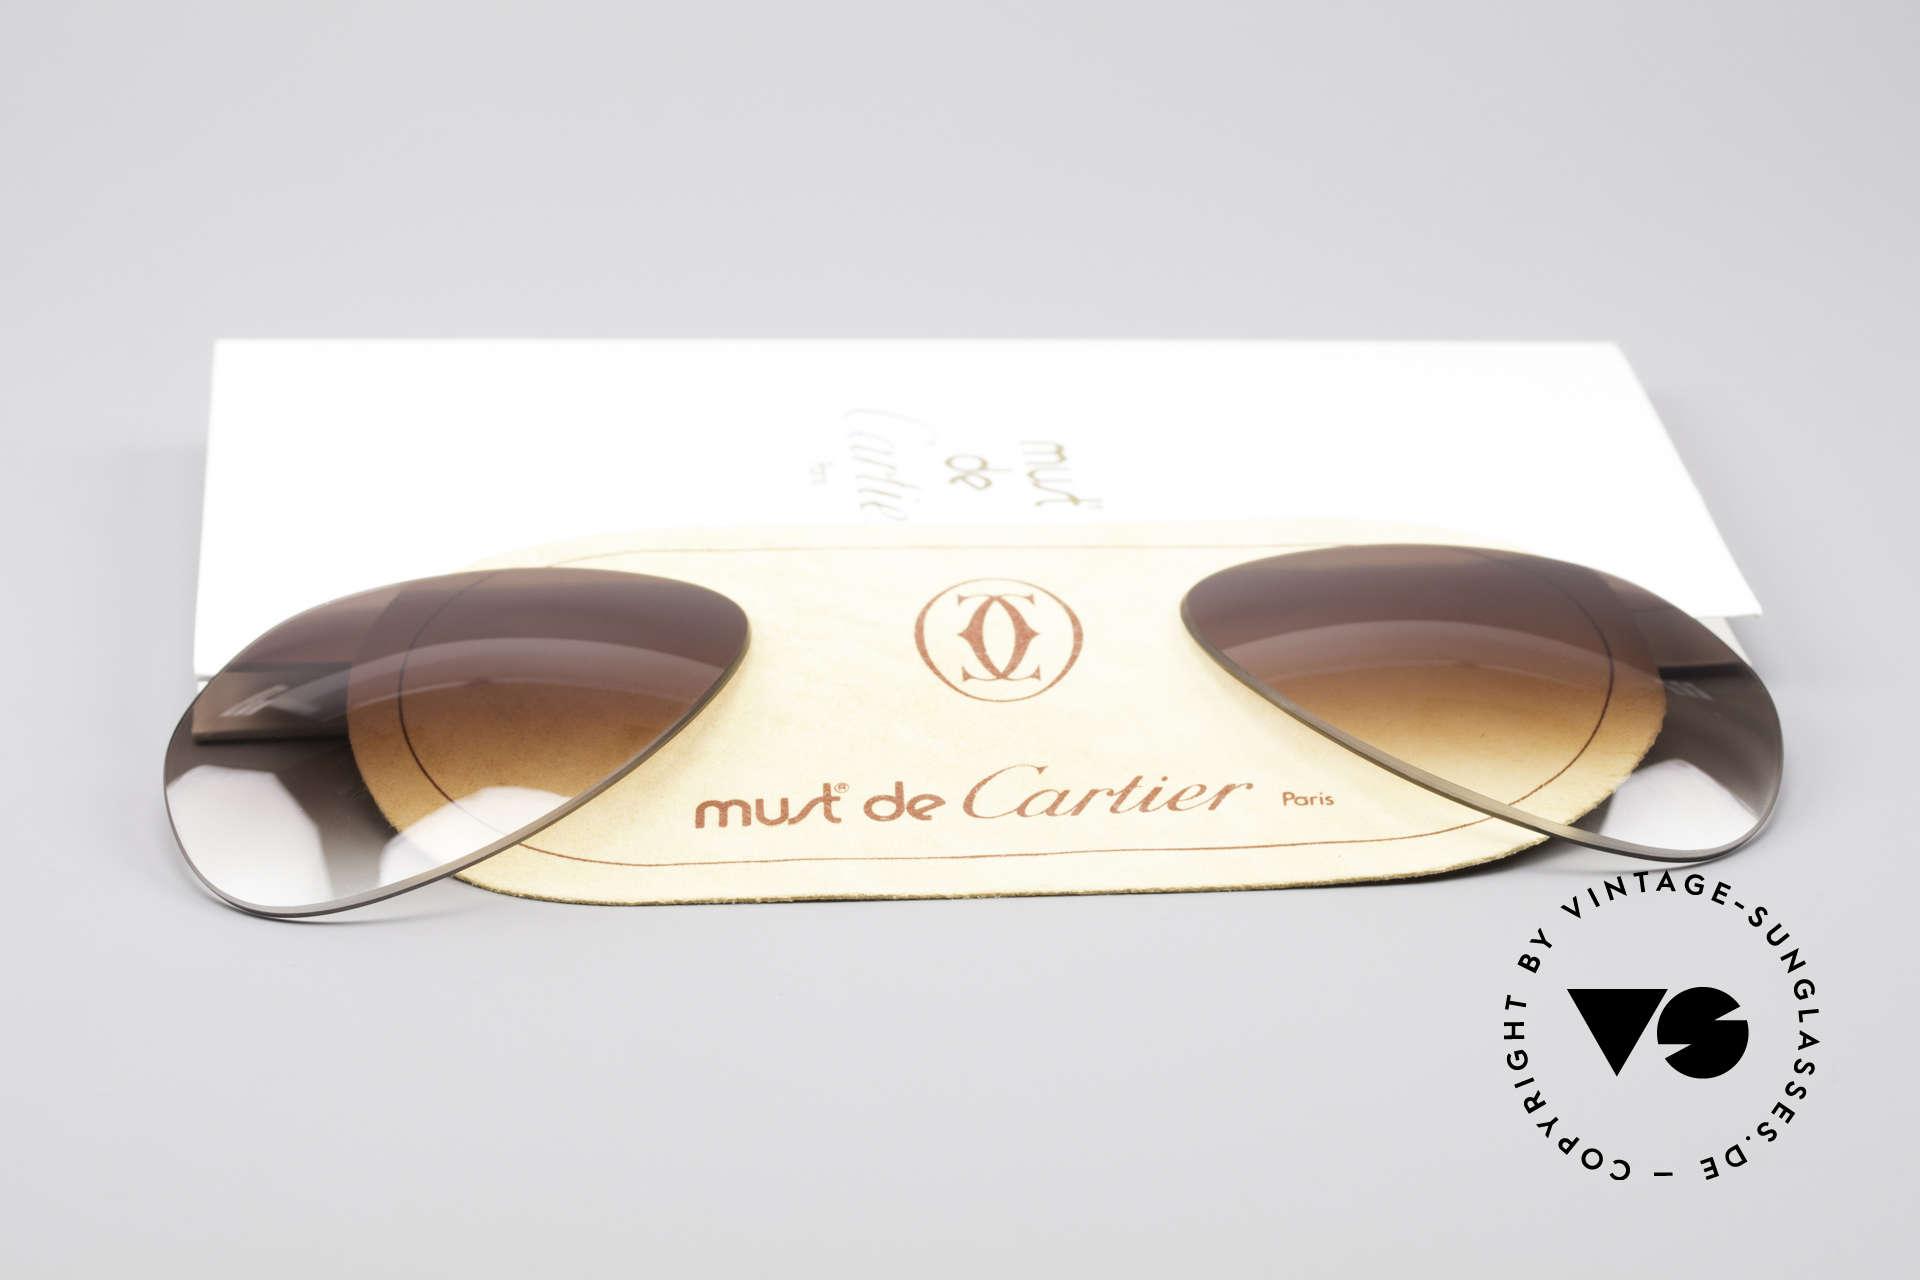 Cartier Vendome Lenses - L Sonnengläser Braun Verlauf, von unserem Optiker gefertigt: daher neu & kratzerfrei, Passend für Herren